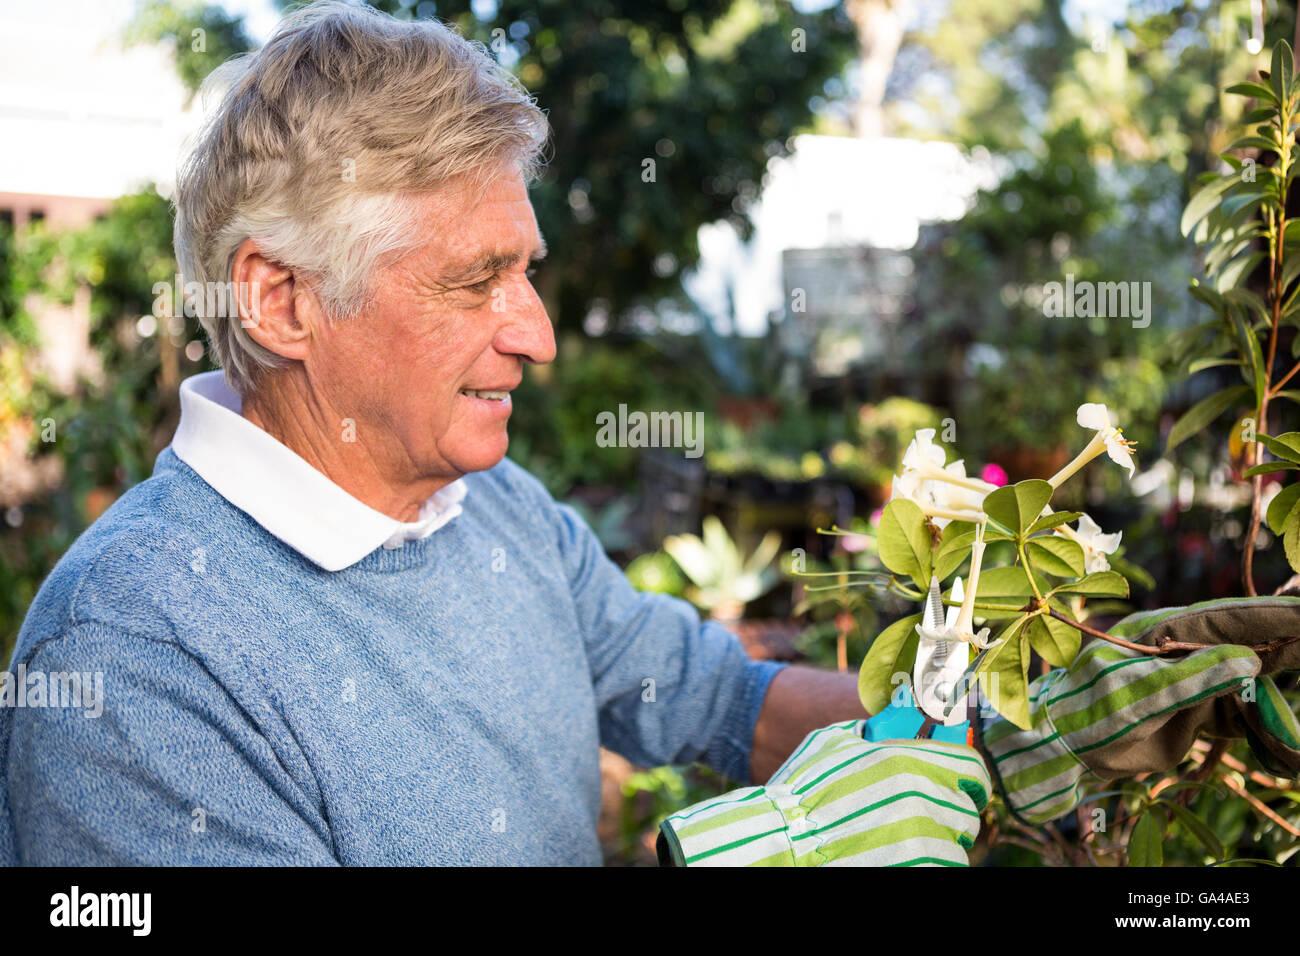 Happy gardener pruning twigs of plants at garden - Stock Image